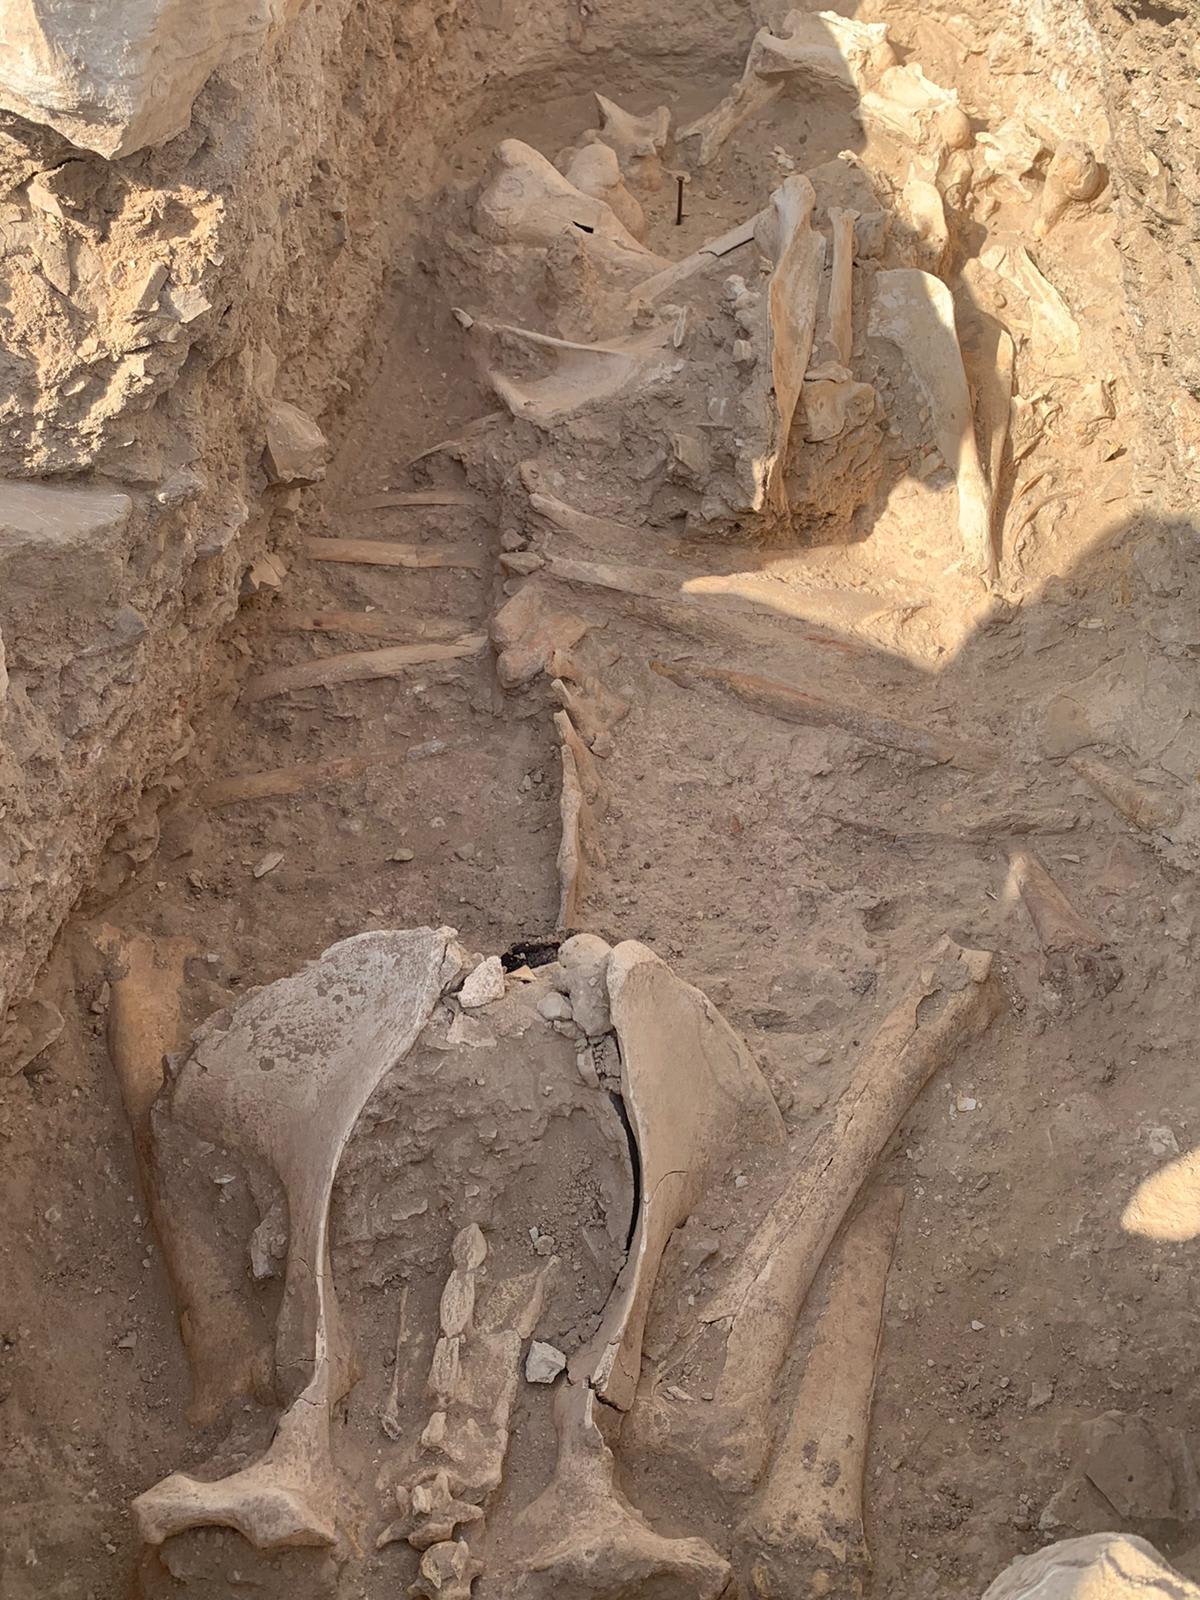 دفنت كقربان.. اكتشاف بقايا أثرية لإبل وصغيرها في مدافن العسيلة بقطر